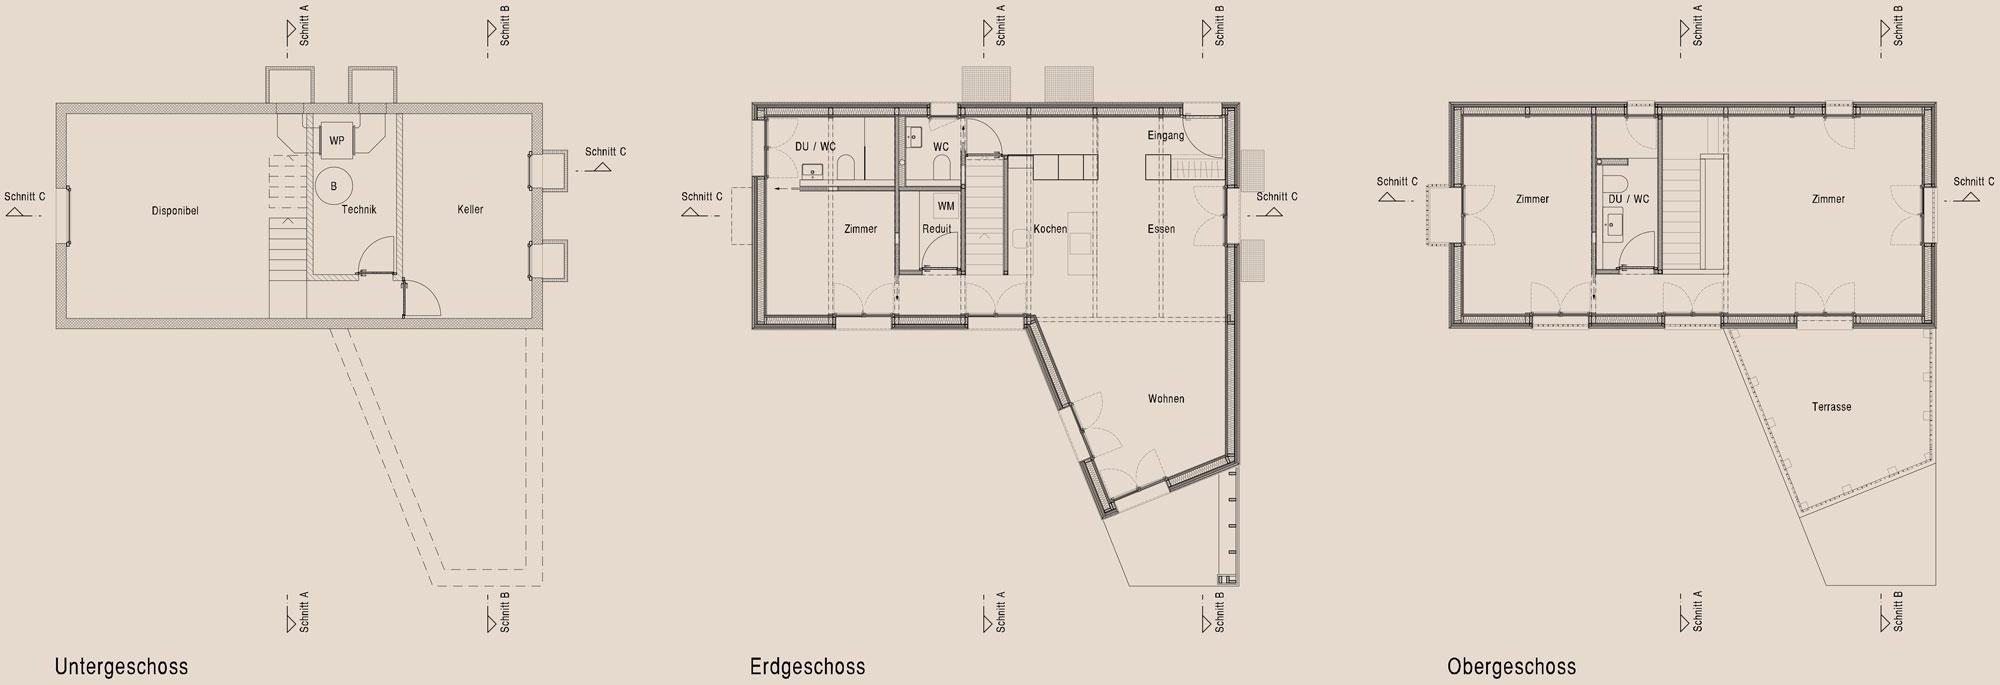 Ausfuhrung 2016 2017 Neues Kompaktes Wohnhaus